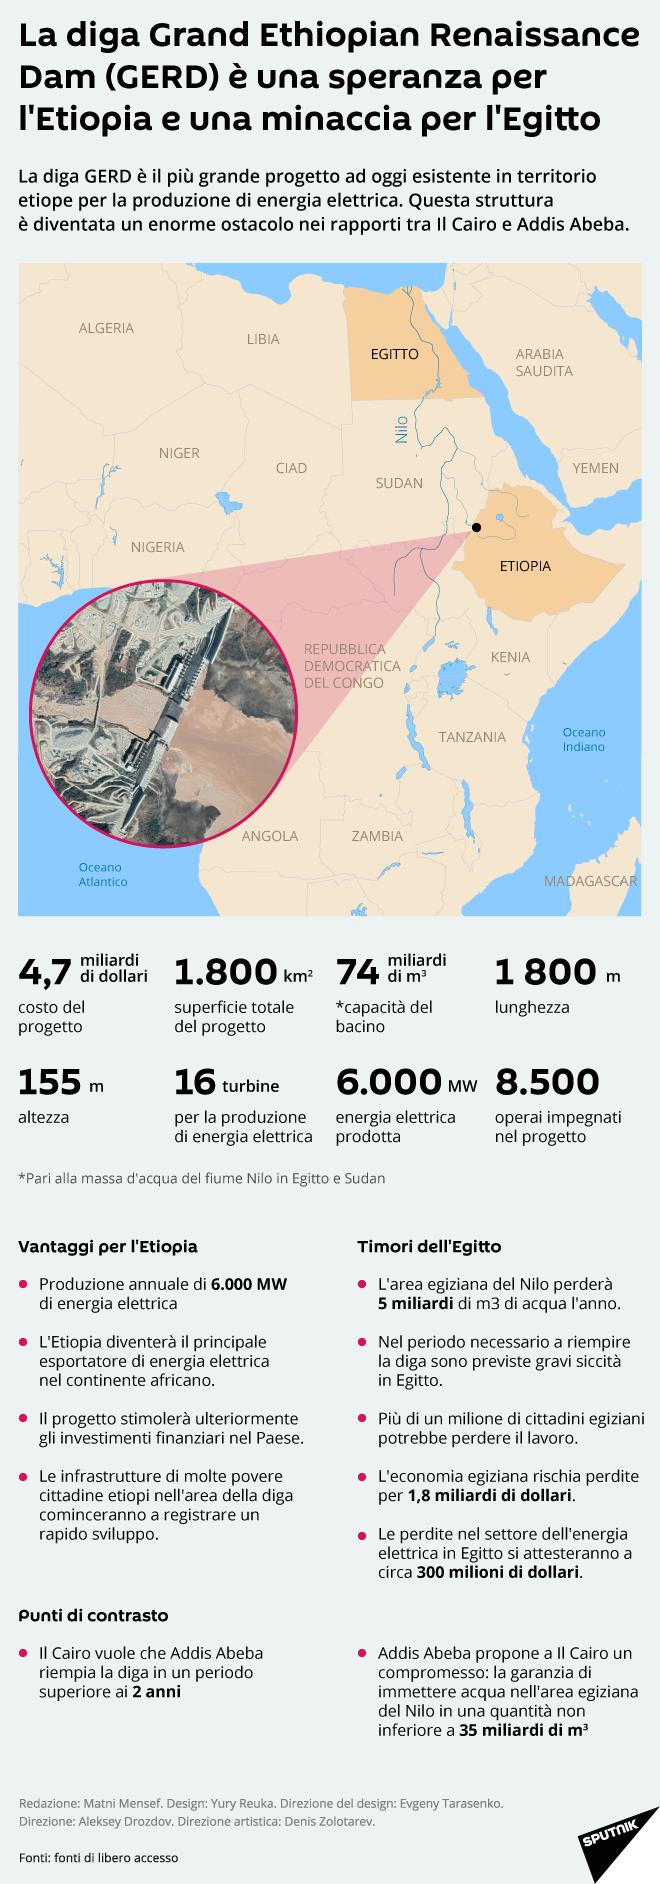 La diga Grand Ethiopian Renaissance Dam (GERD) è una speranza per l'Etiopia e una minaccia per l'Egitto